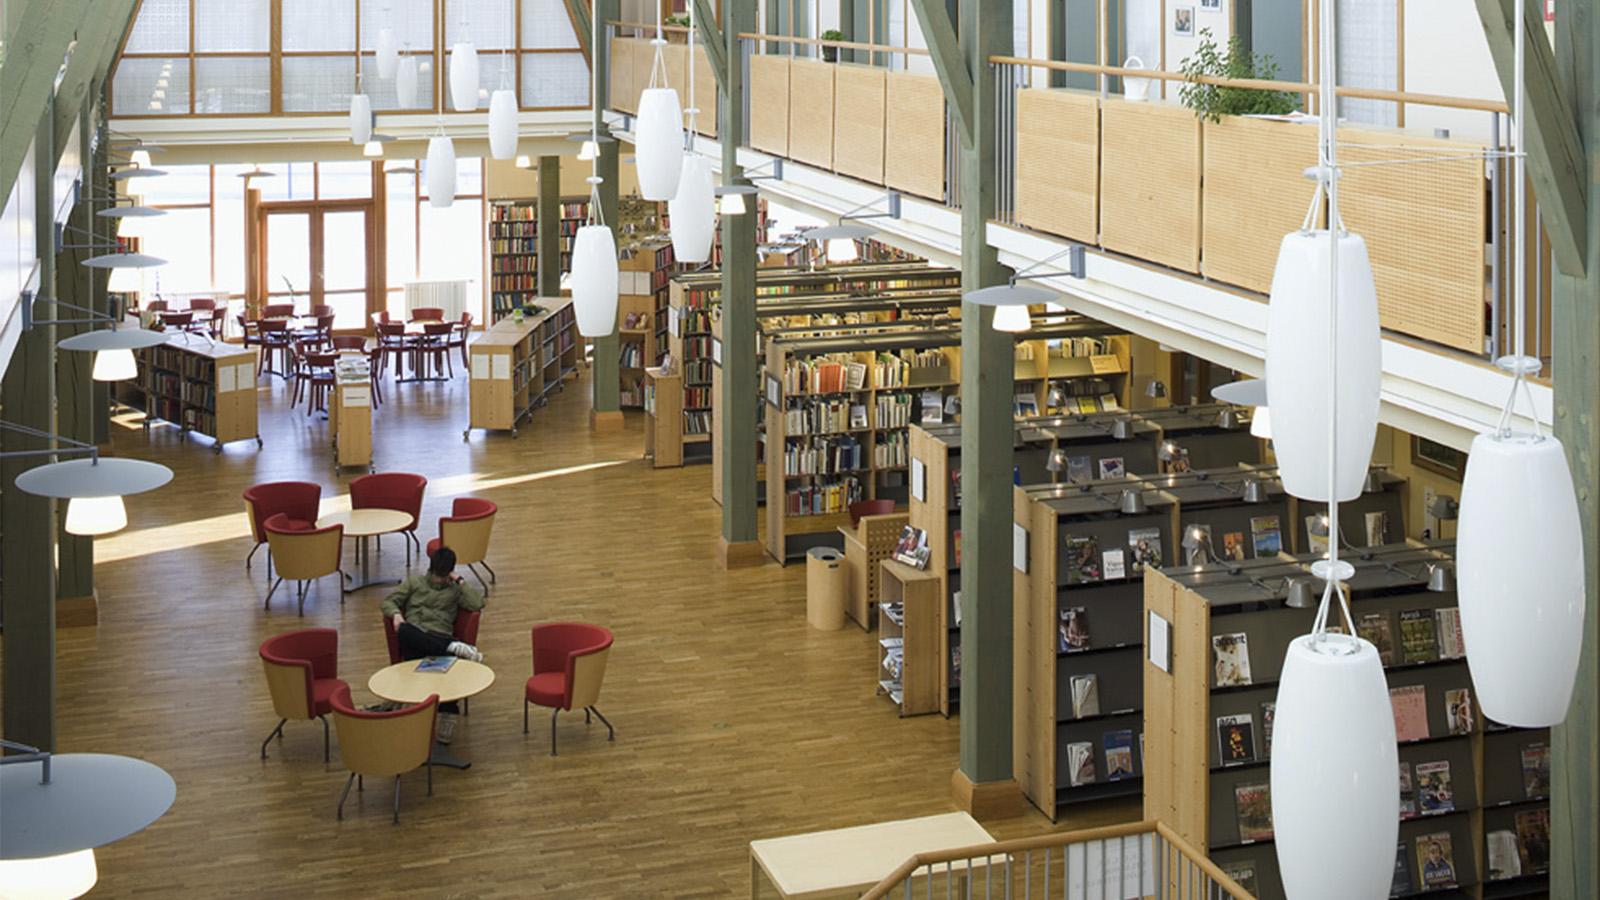 Eksjö bibliotek